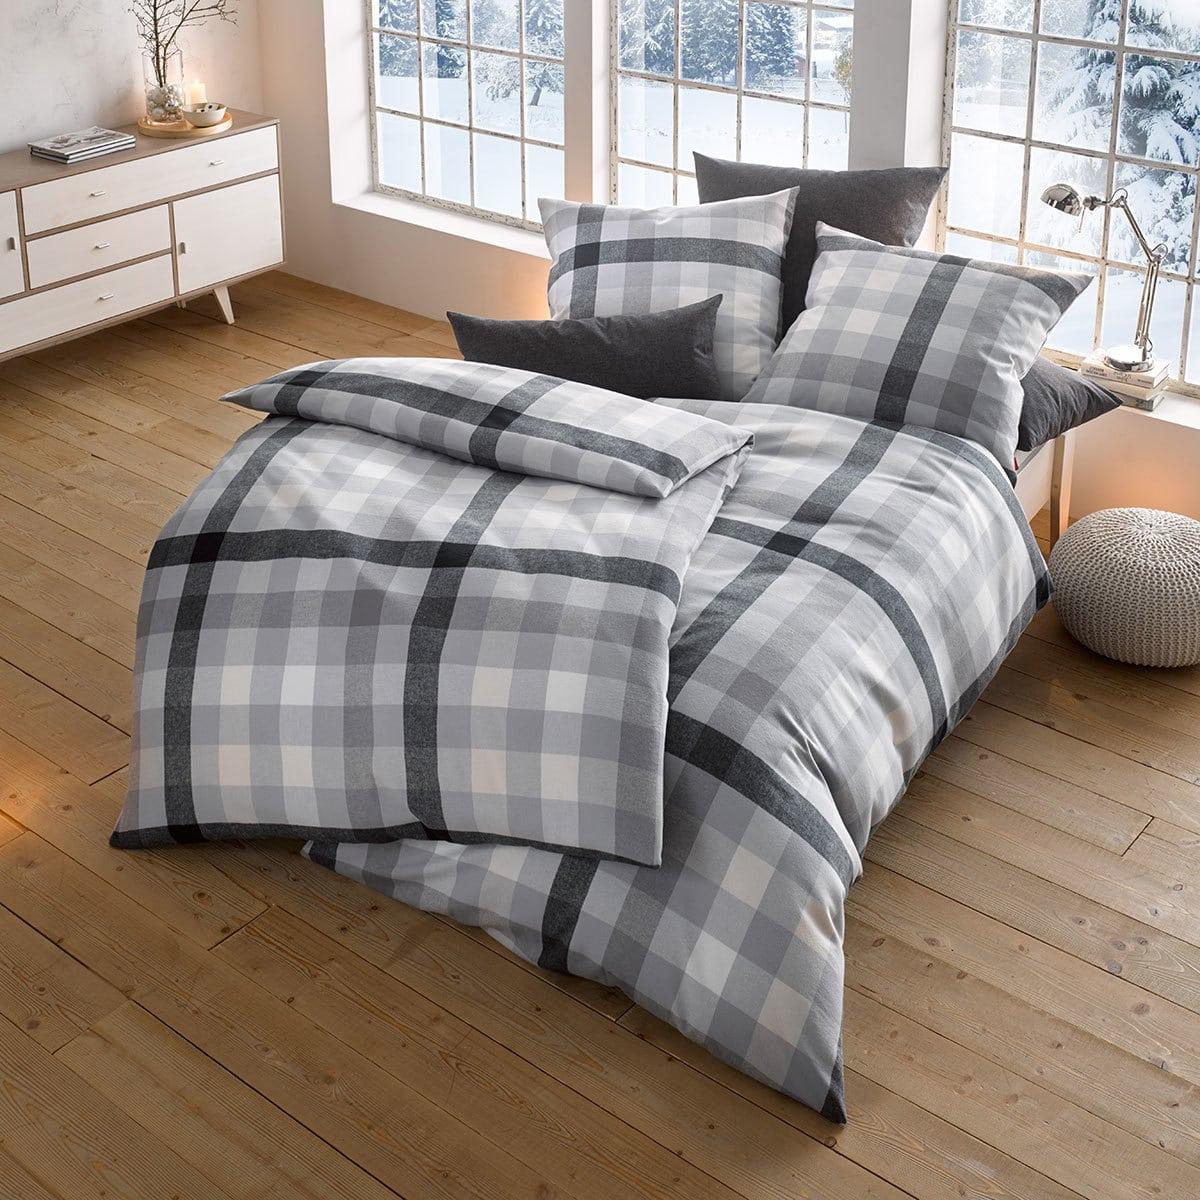 fleuresse edelflanell bettw sche karo 603742 01 grau g nstig online kaufen bei bettwaren shop. Black Bedroom Furniture Sets. Home Design Ideas